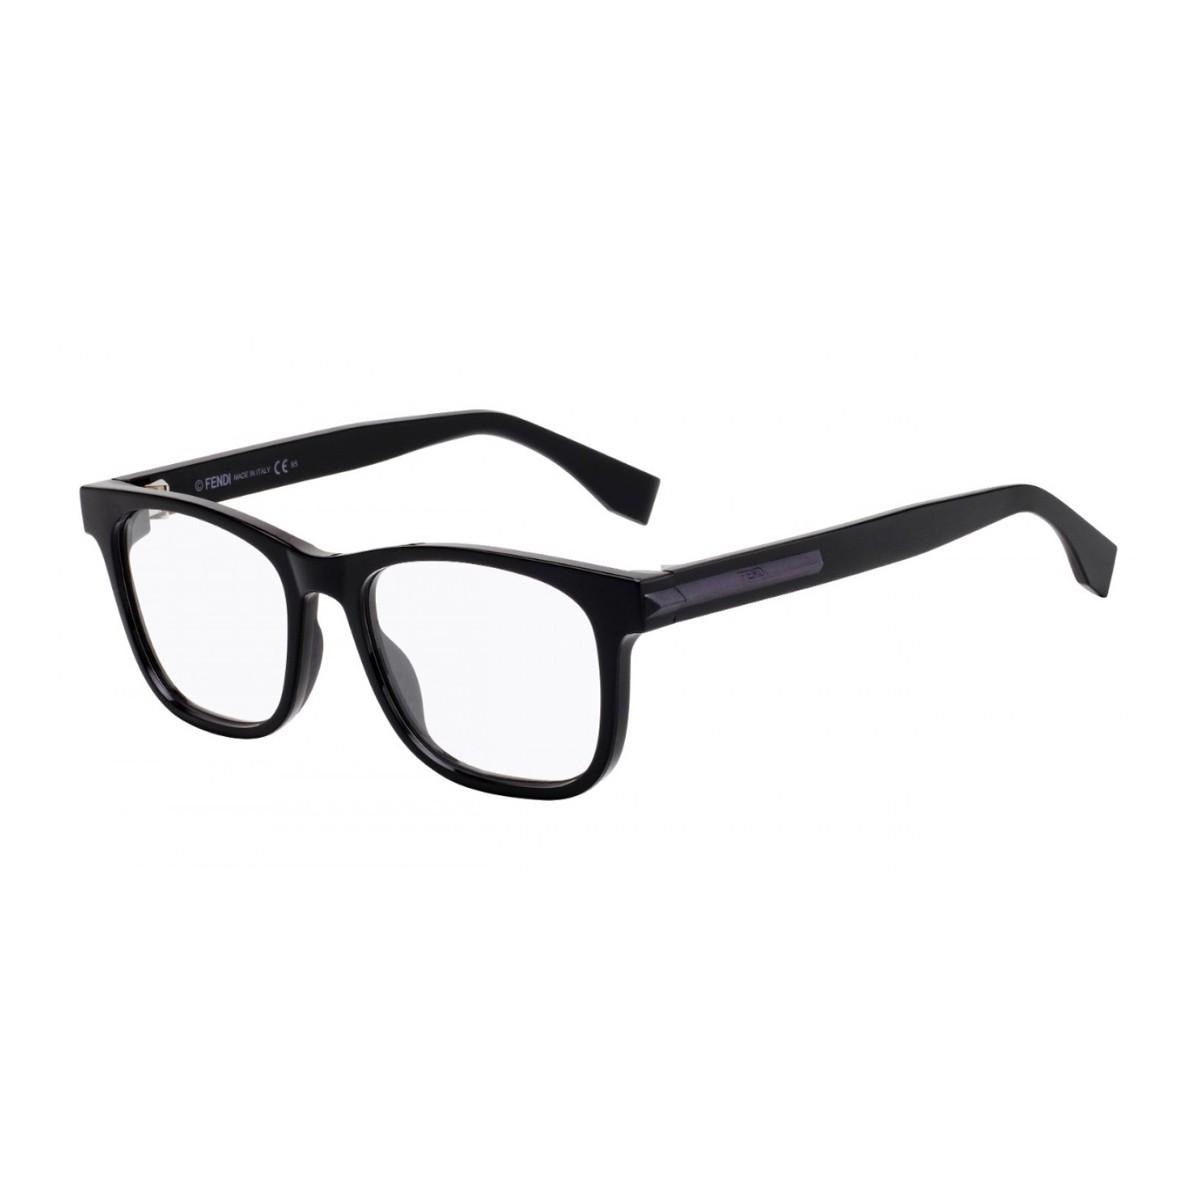 Fendi FF M0037 | Occhiali da vista Uomo